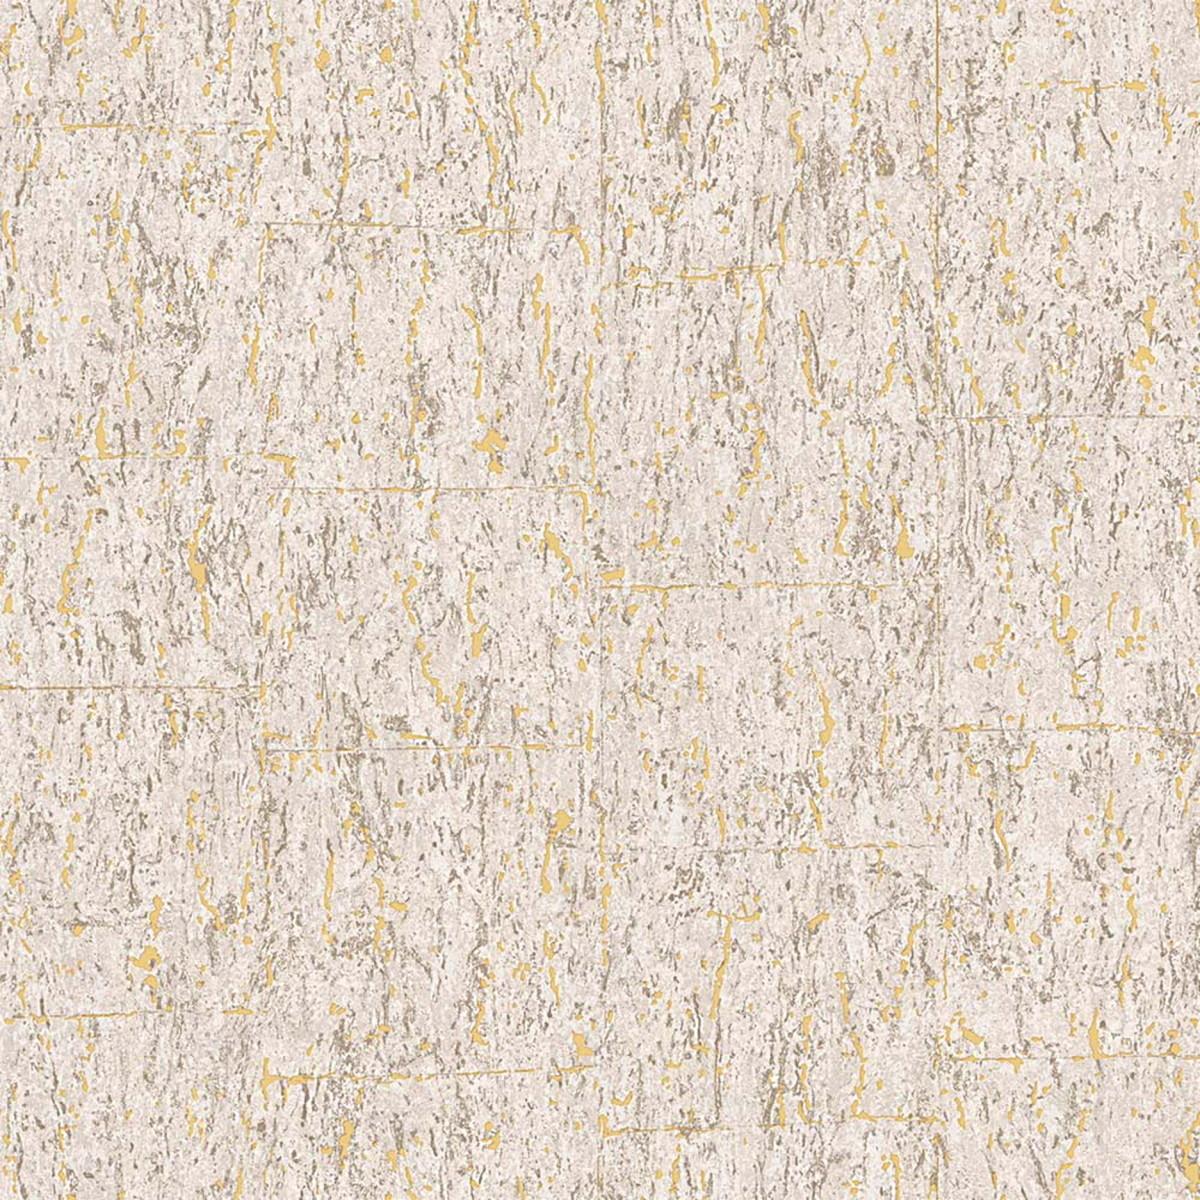 Обои флизелиновые Adawall Indigo бежевые 1.06 м 4701-2